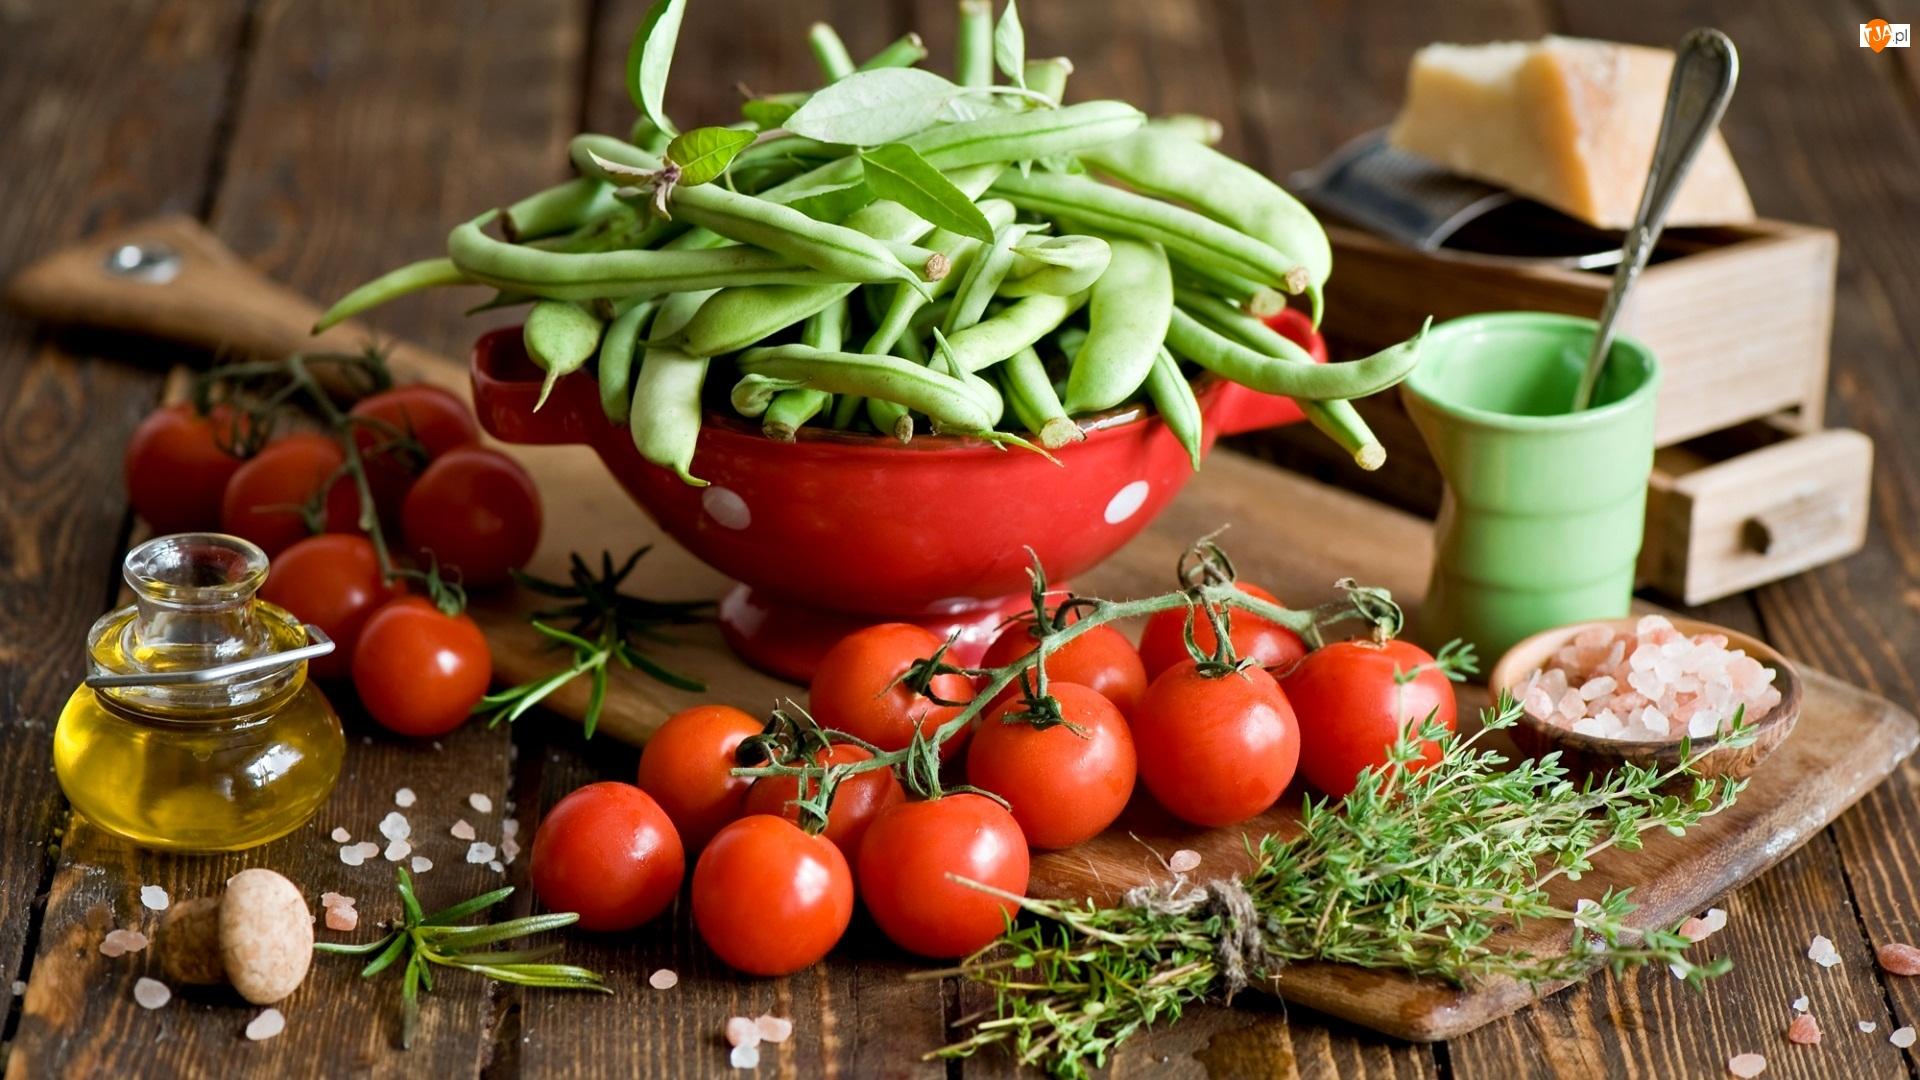 Fasolka zielona, Pomidory, Olej, Miska, Zioła, Czerwona